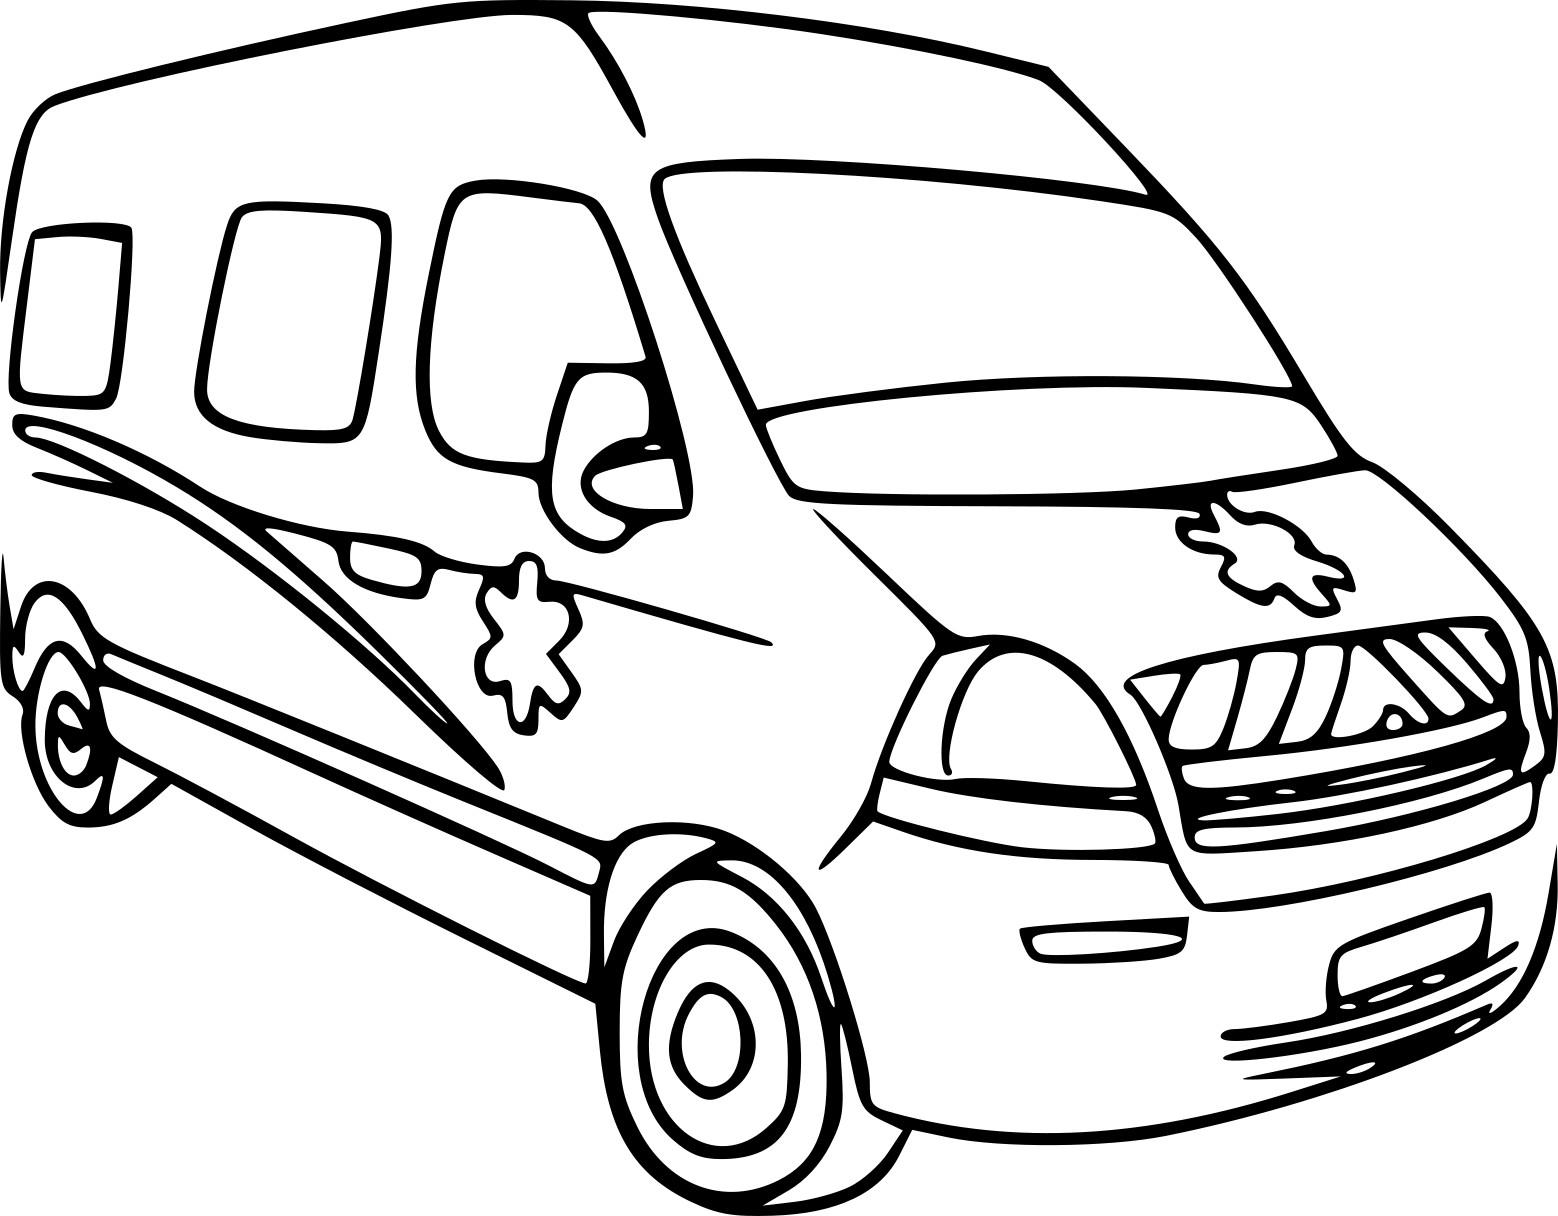 Coloriage Camion Samu.Coloriages A Imprimer Voiture Numero Dc05481e